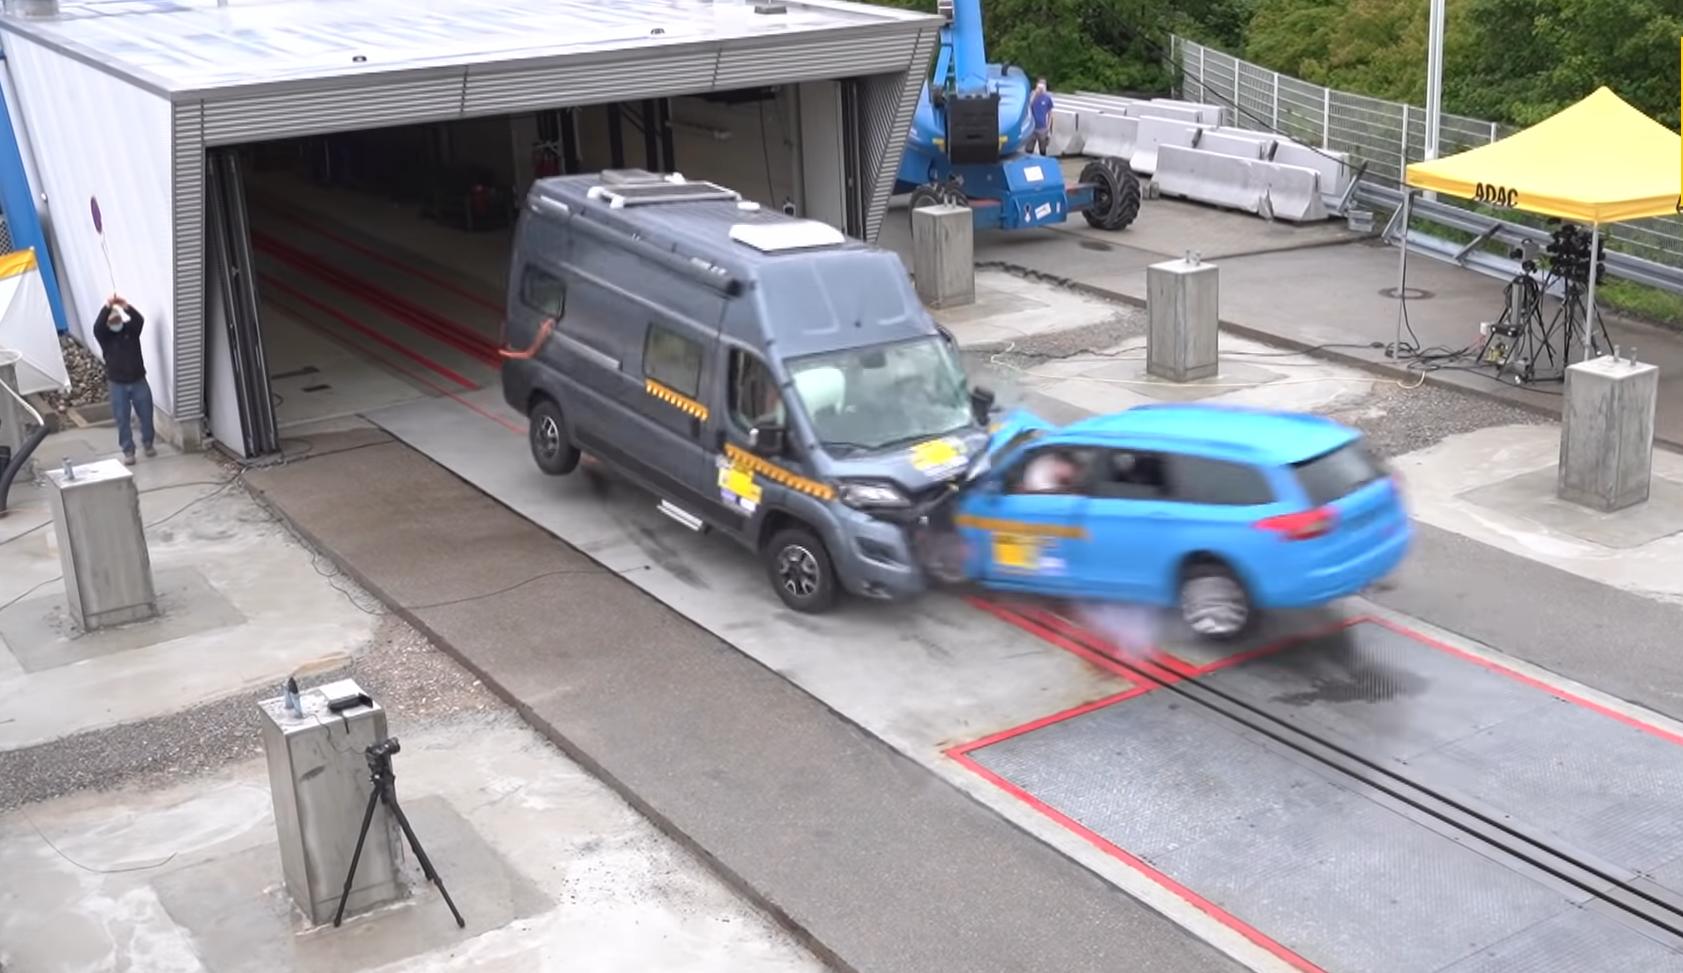 ADAC otestoval bezpečnosť obytného auta. Výsledok je desivý